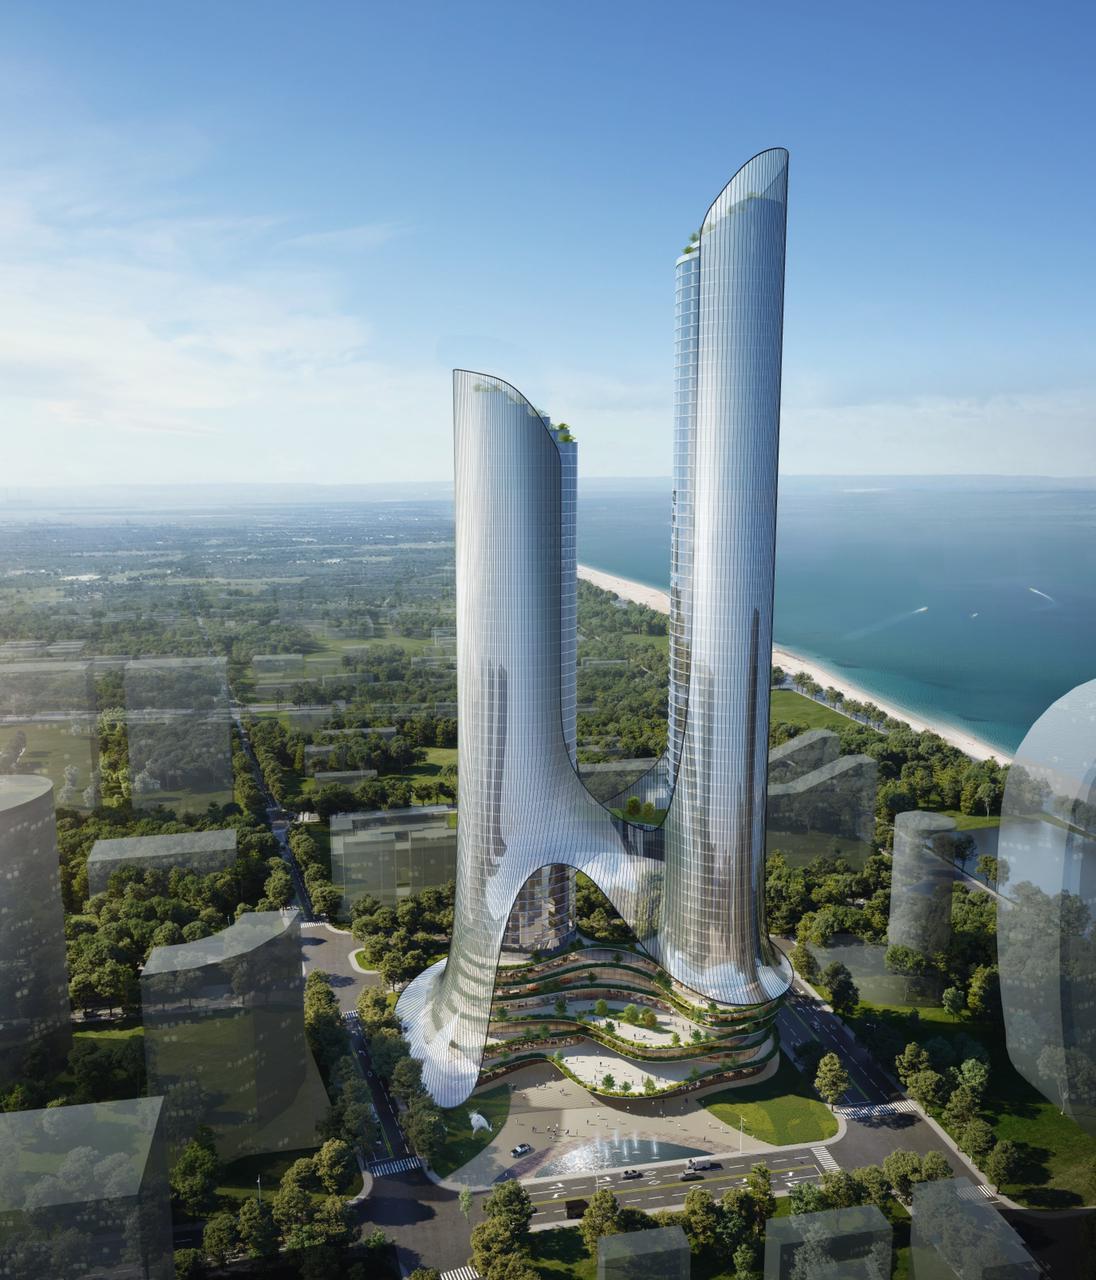 West Towers Batumi [Вест Тауэрс Батуми]